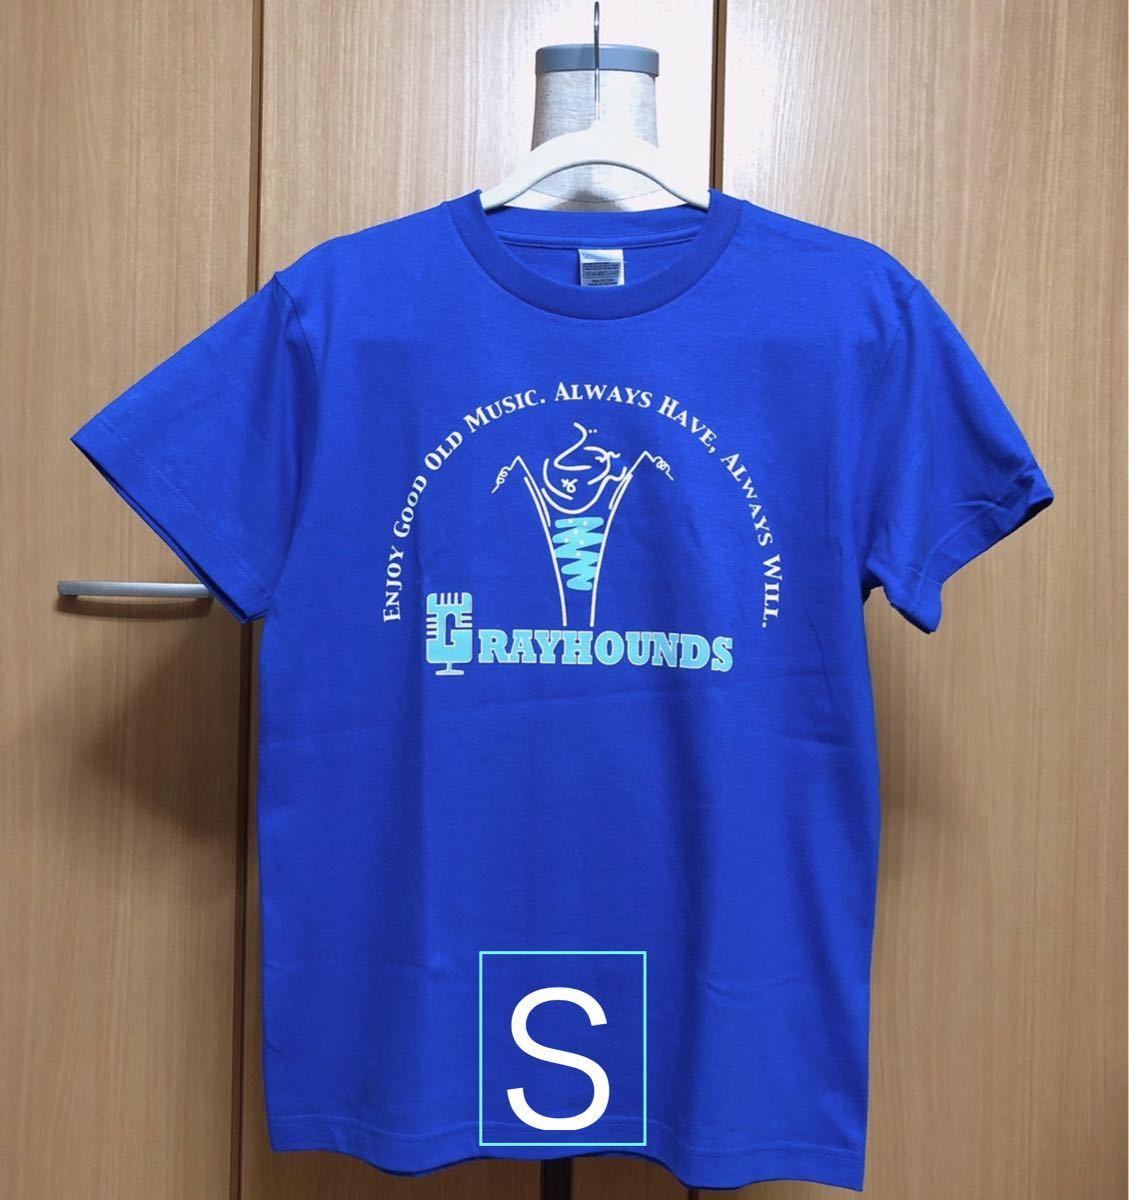 ブルーS 2020 グレイハウンズTシャツ(グレハンソーダ)